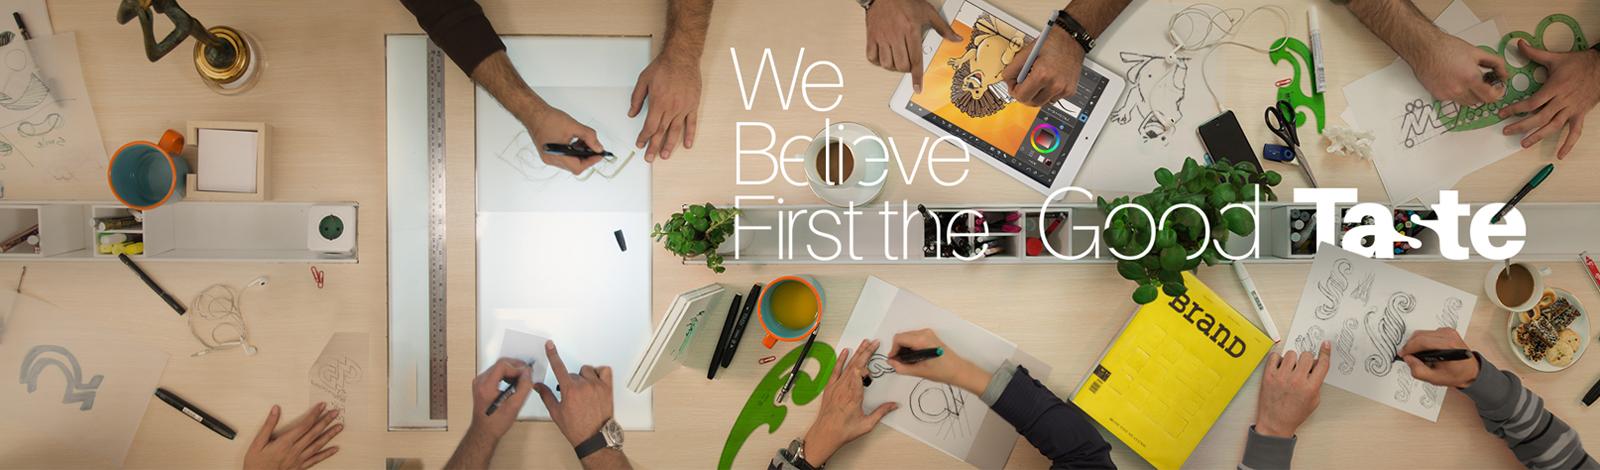 طراحی توسط شرکت تبلیغاتی الف، میز کار شرکت تبلیغاتی الف، شرکت تبلیغاتی الف، هویت بصری ، طراحی هویت بصری